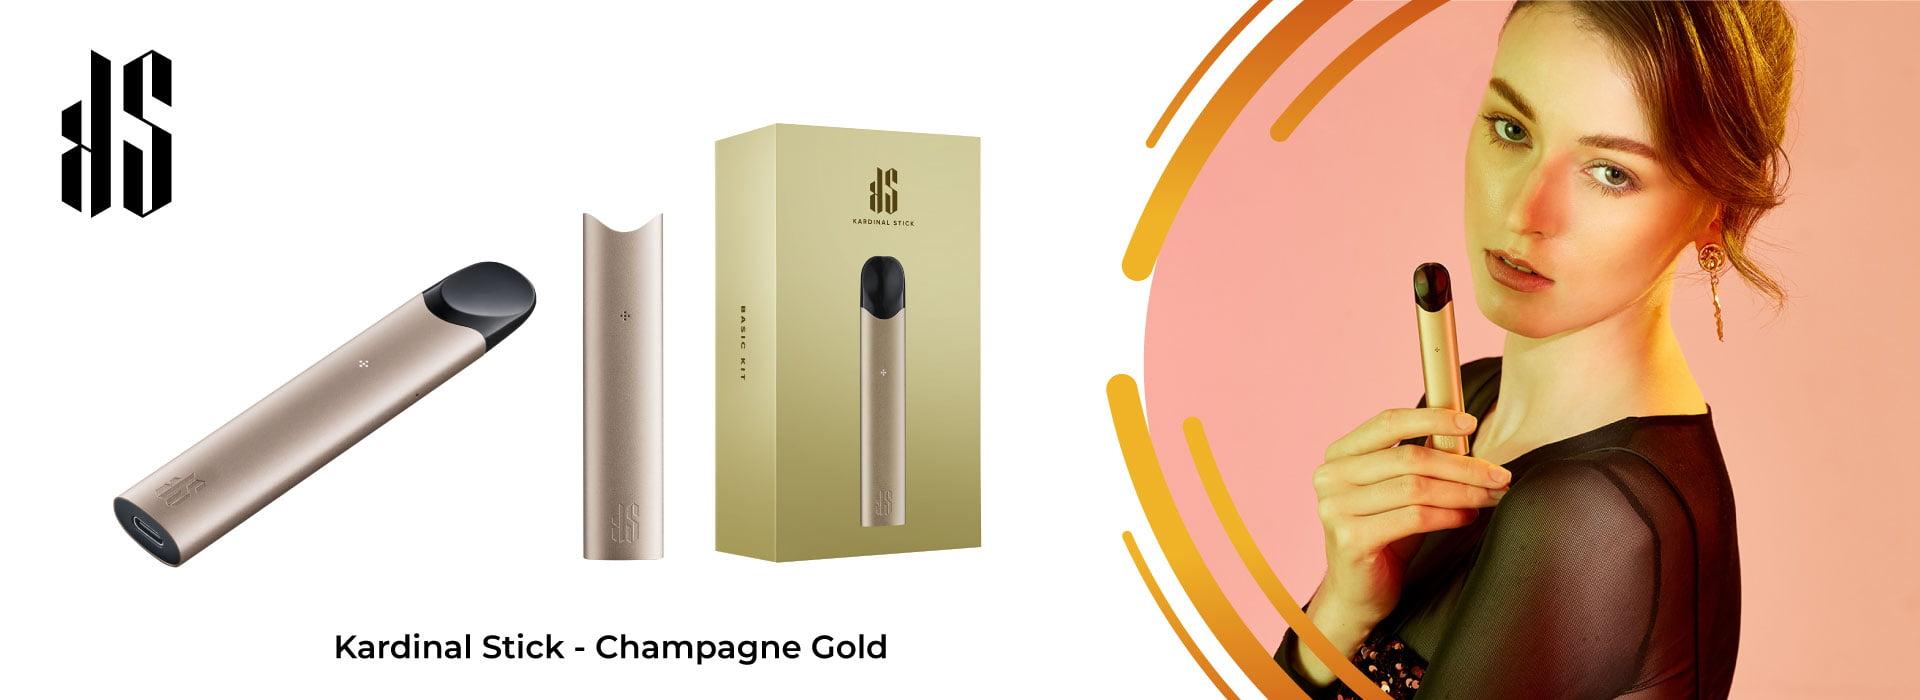 Kardinal Stick Champagne Gold